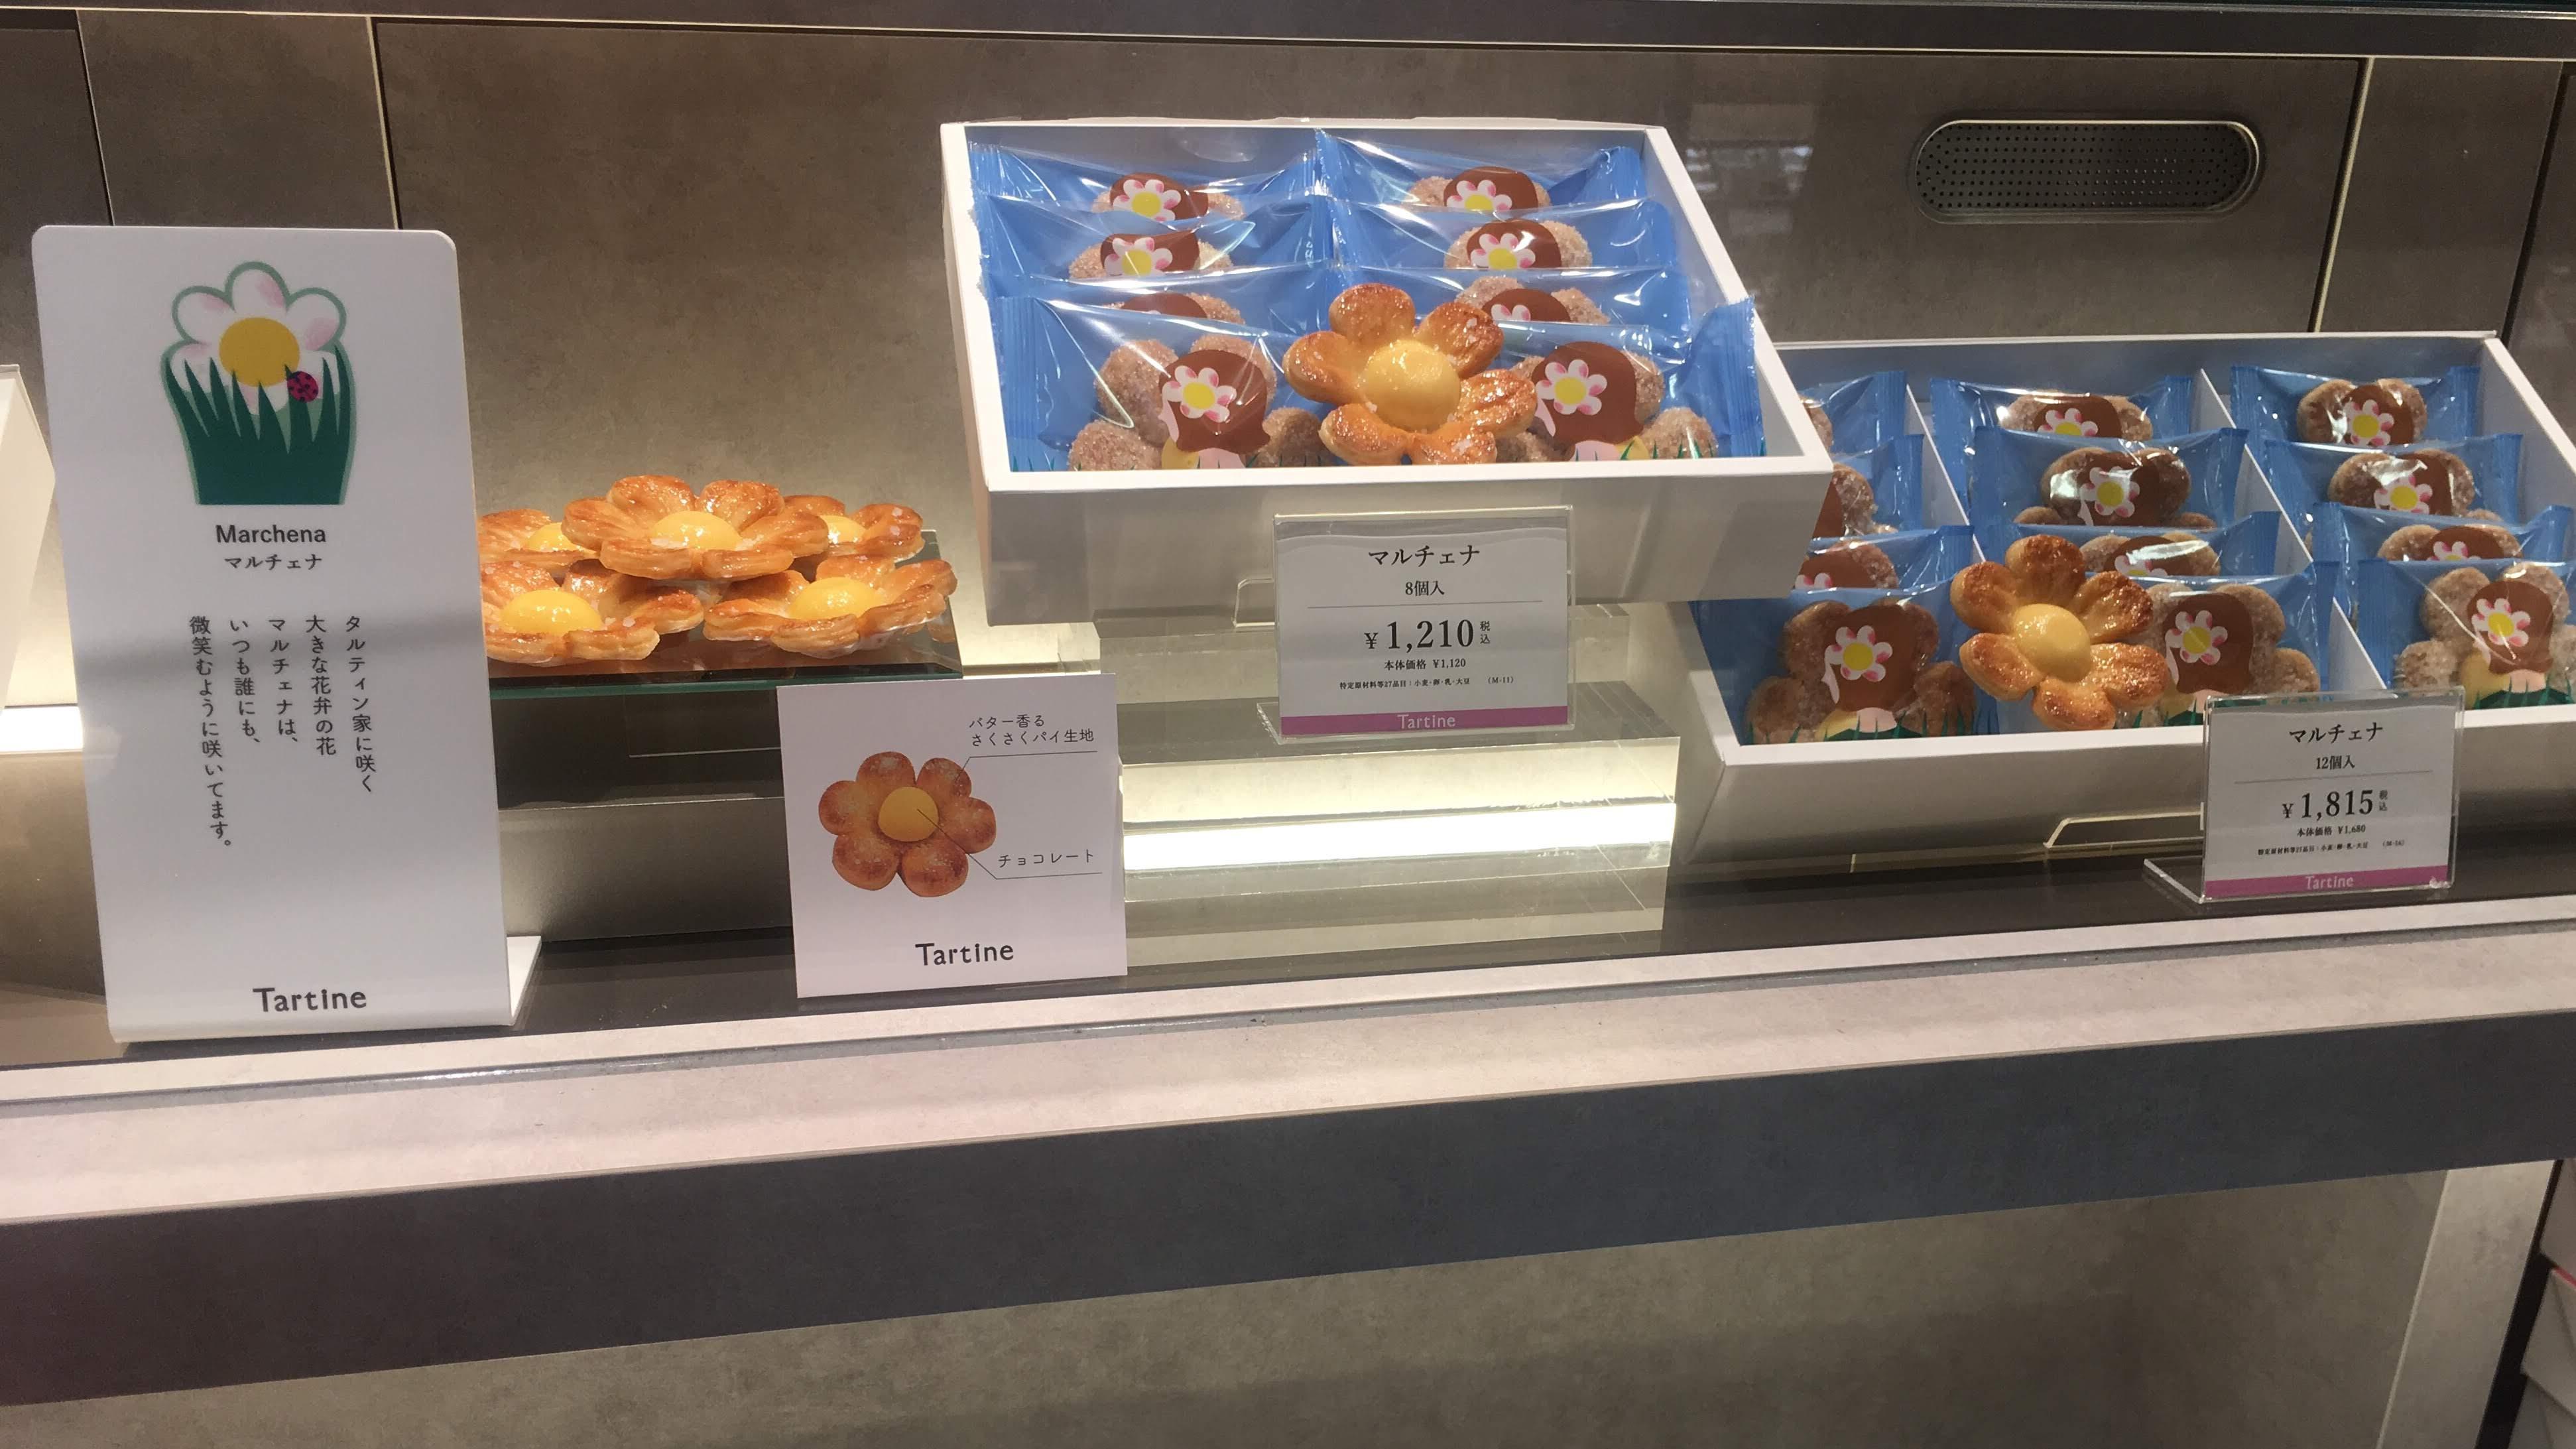 タルティン(Tartine)東武池袋店の店頭に並ぶマルチェナというお菓子